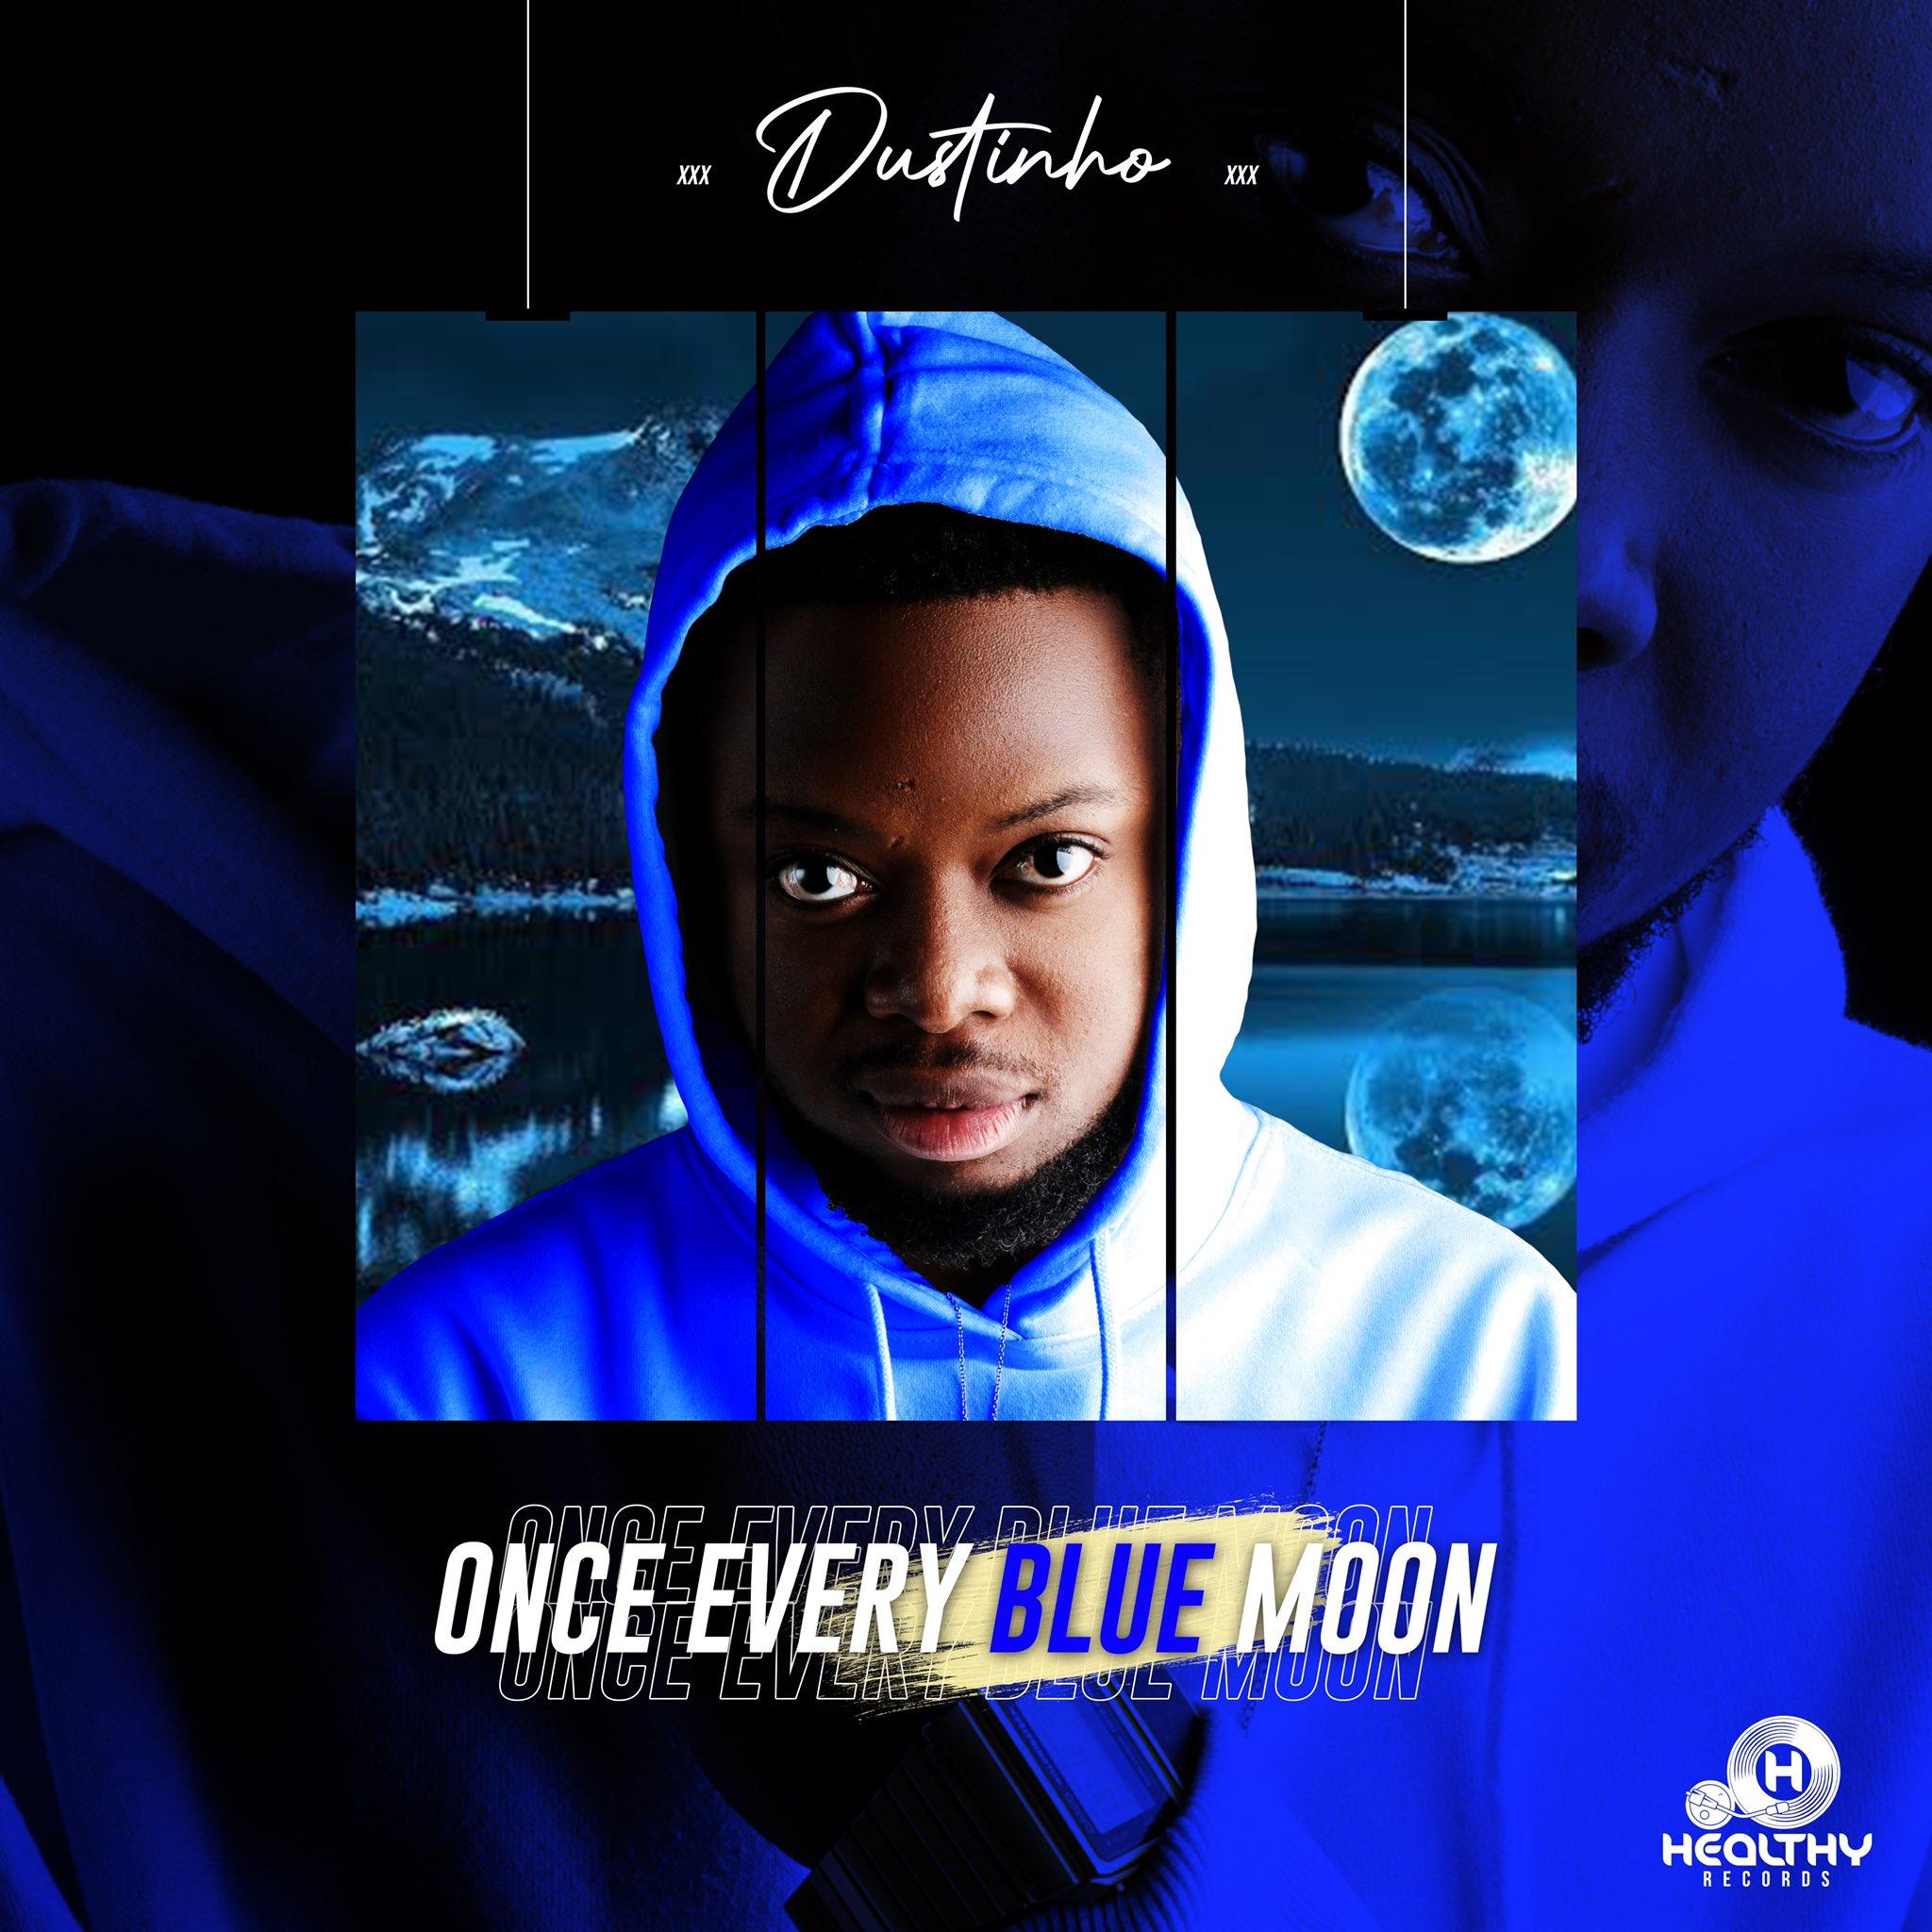 Dustinho – Once Every Blue Moon